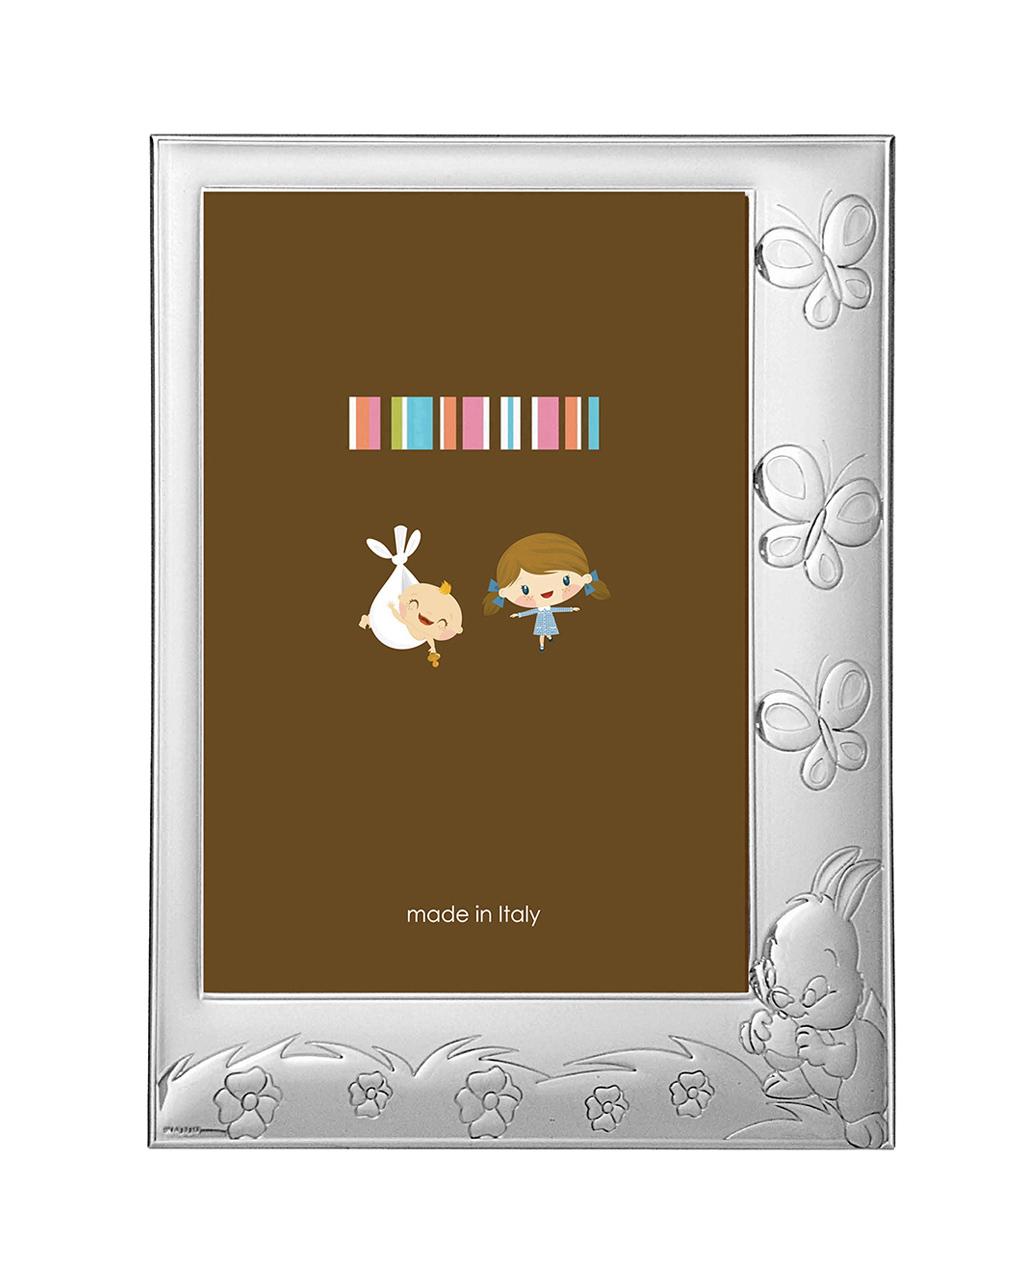 Ασημένια παιδική κορνίζα DK03571   δωρα παιδικές κορνίζες   άλμπουμ